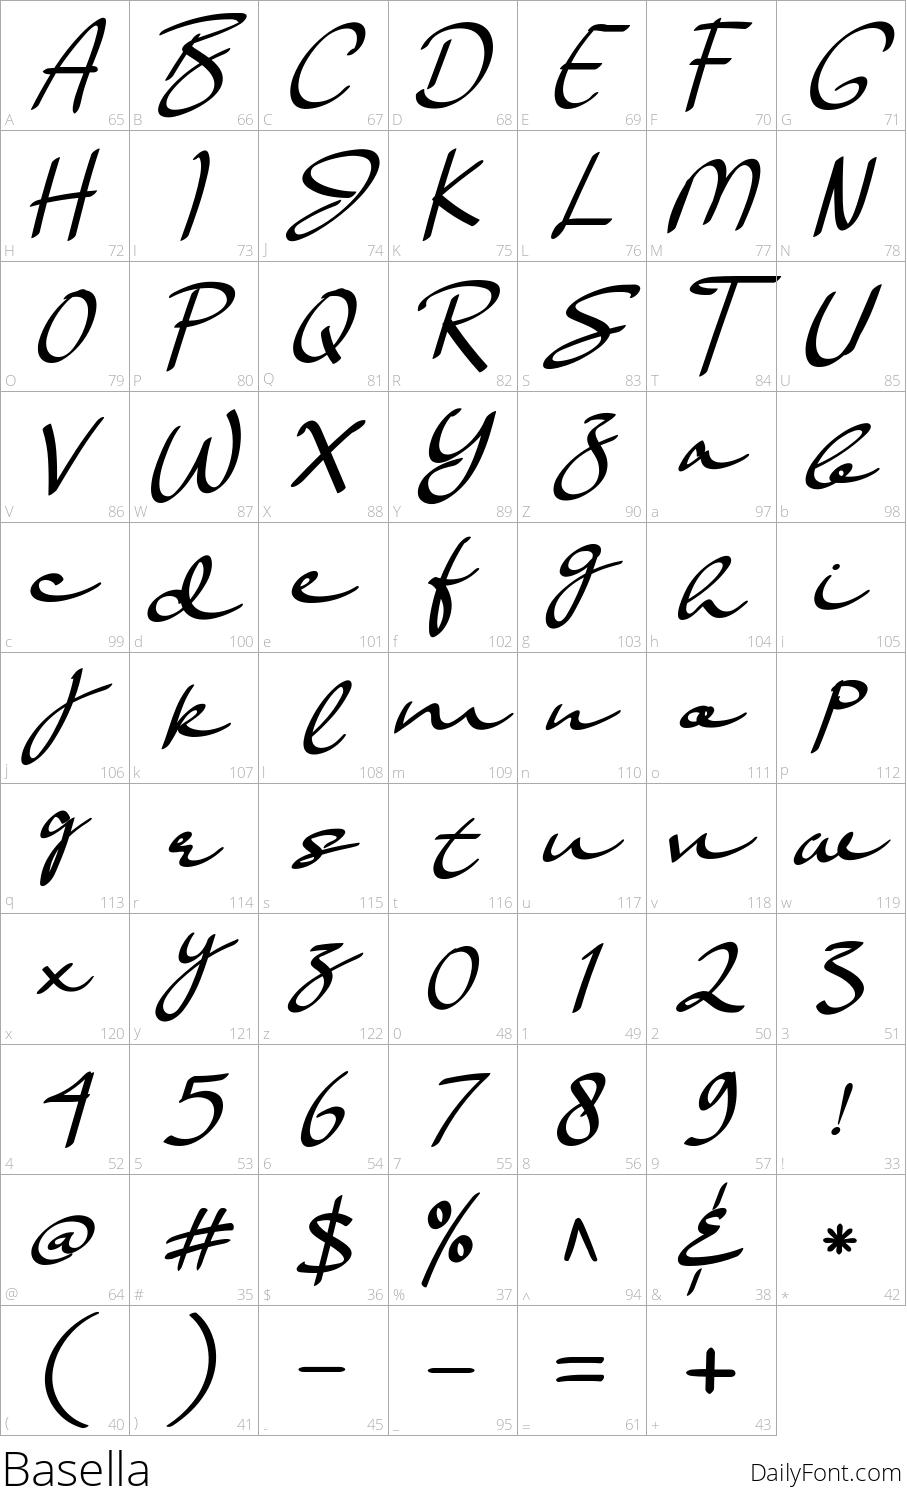 Basella character map